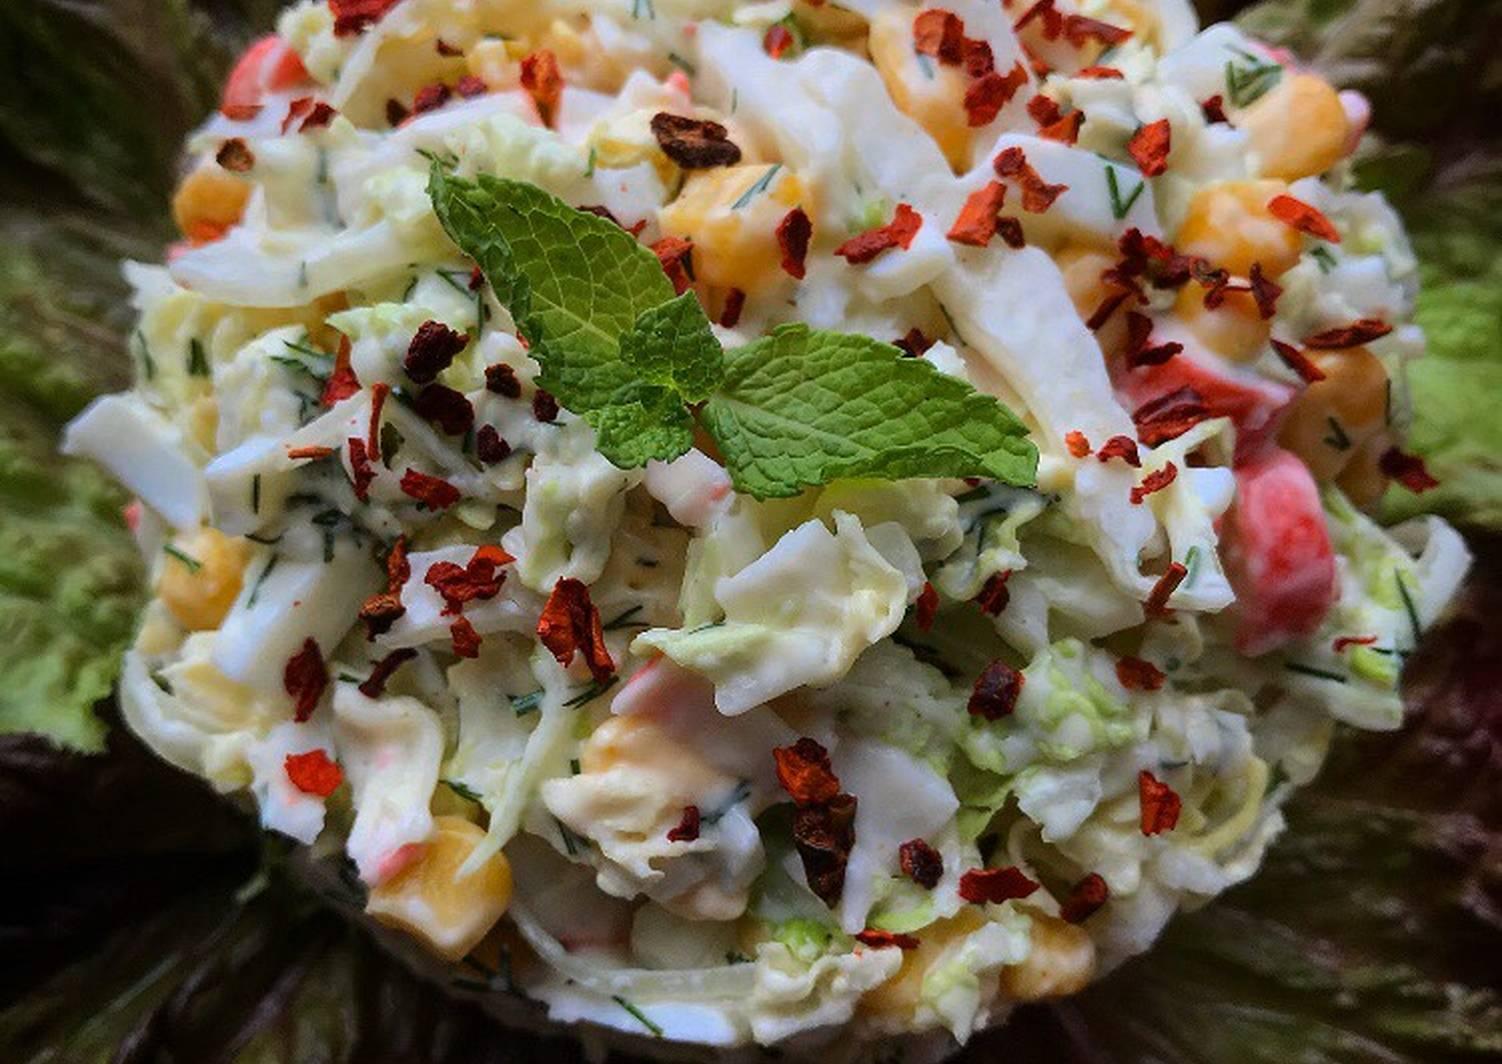 того, как салат царская радость рецепт с фото других схемах все